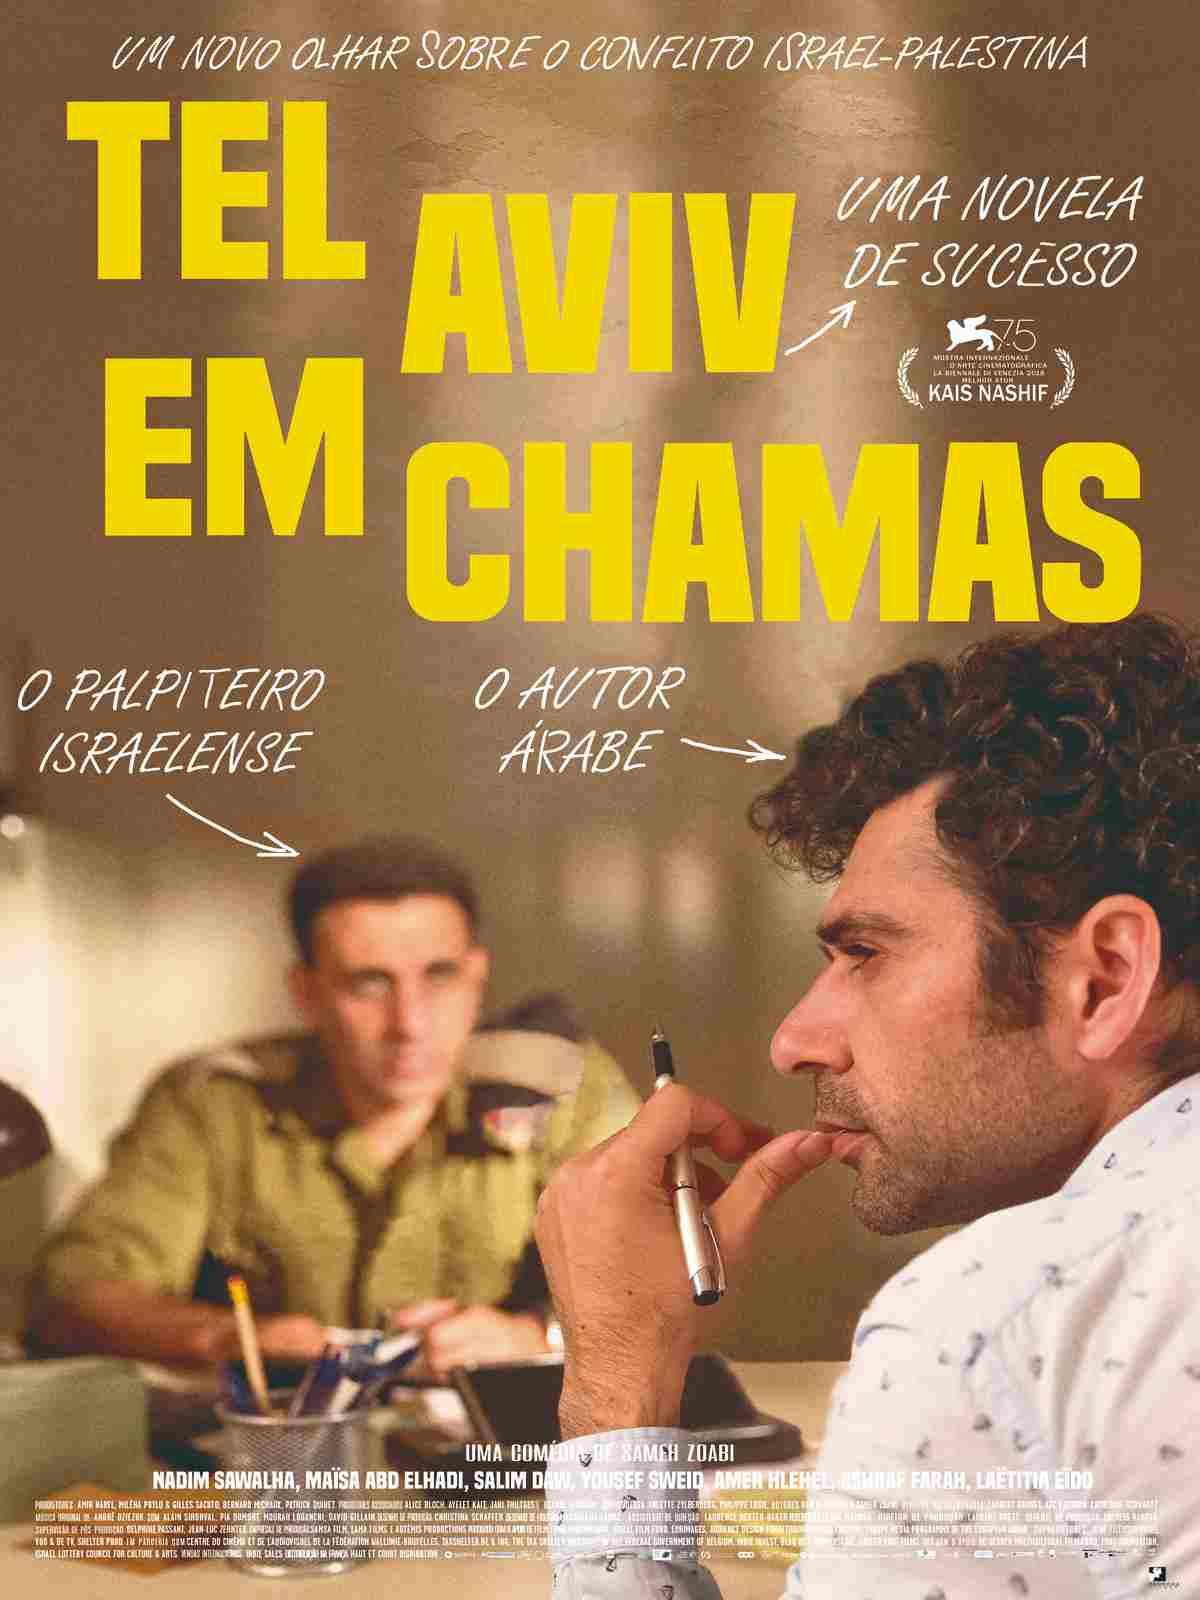 TEL AVIV EM CHAMAS